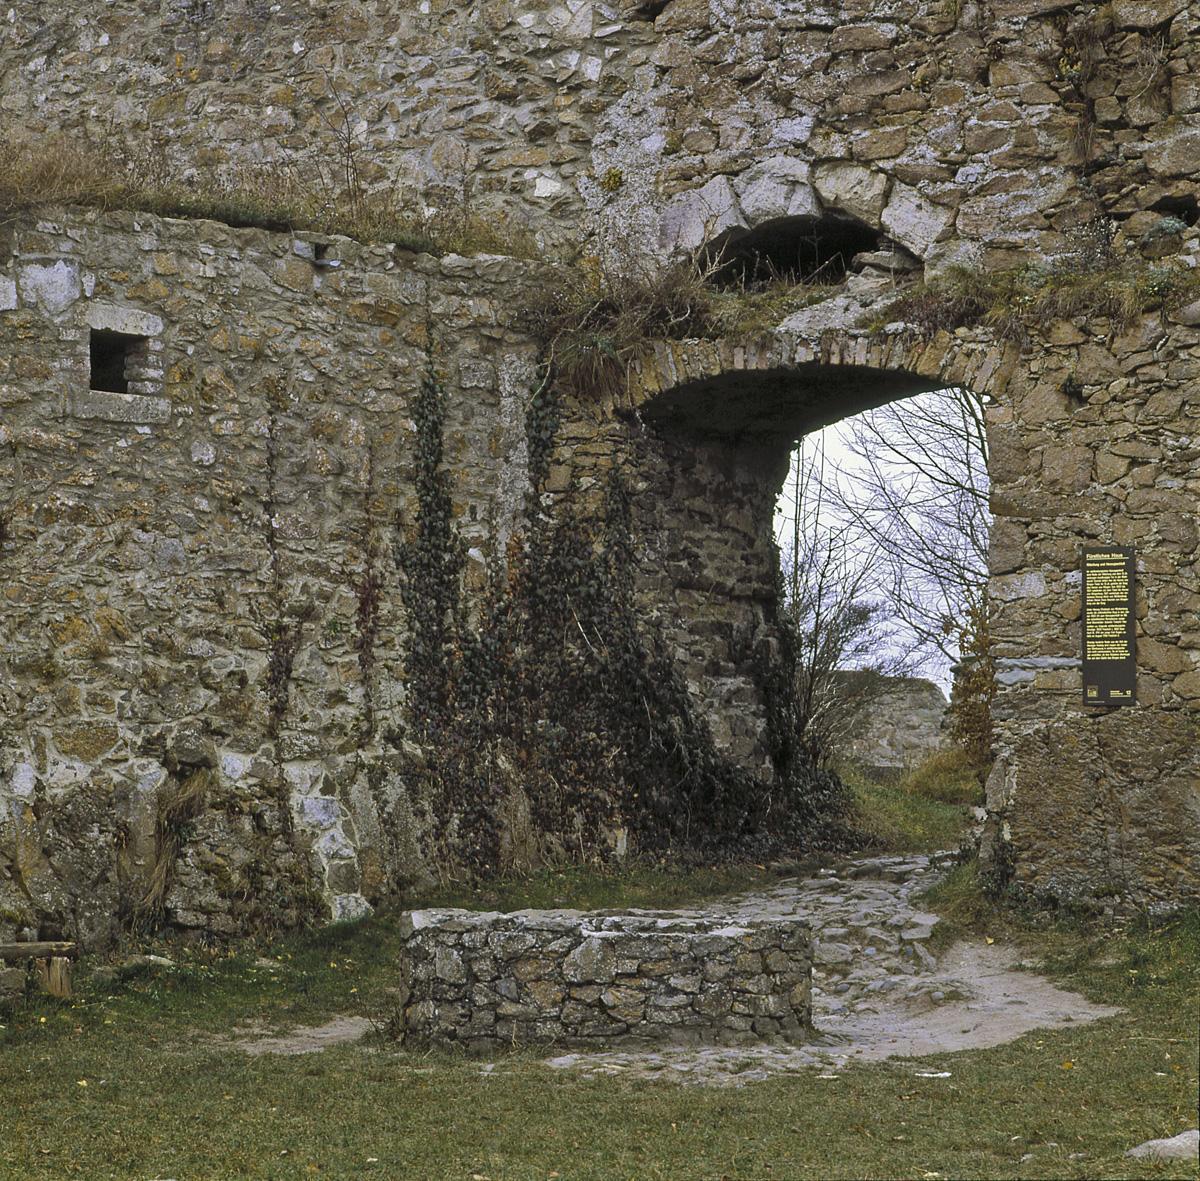 Zisterne in der oberen Festung der Festungsruine Hohentwiel; Foto: Staatliche Schlösser und Gärten Baden-Württemberg, Arnim Weischer